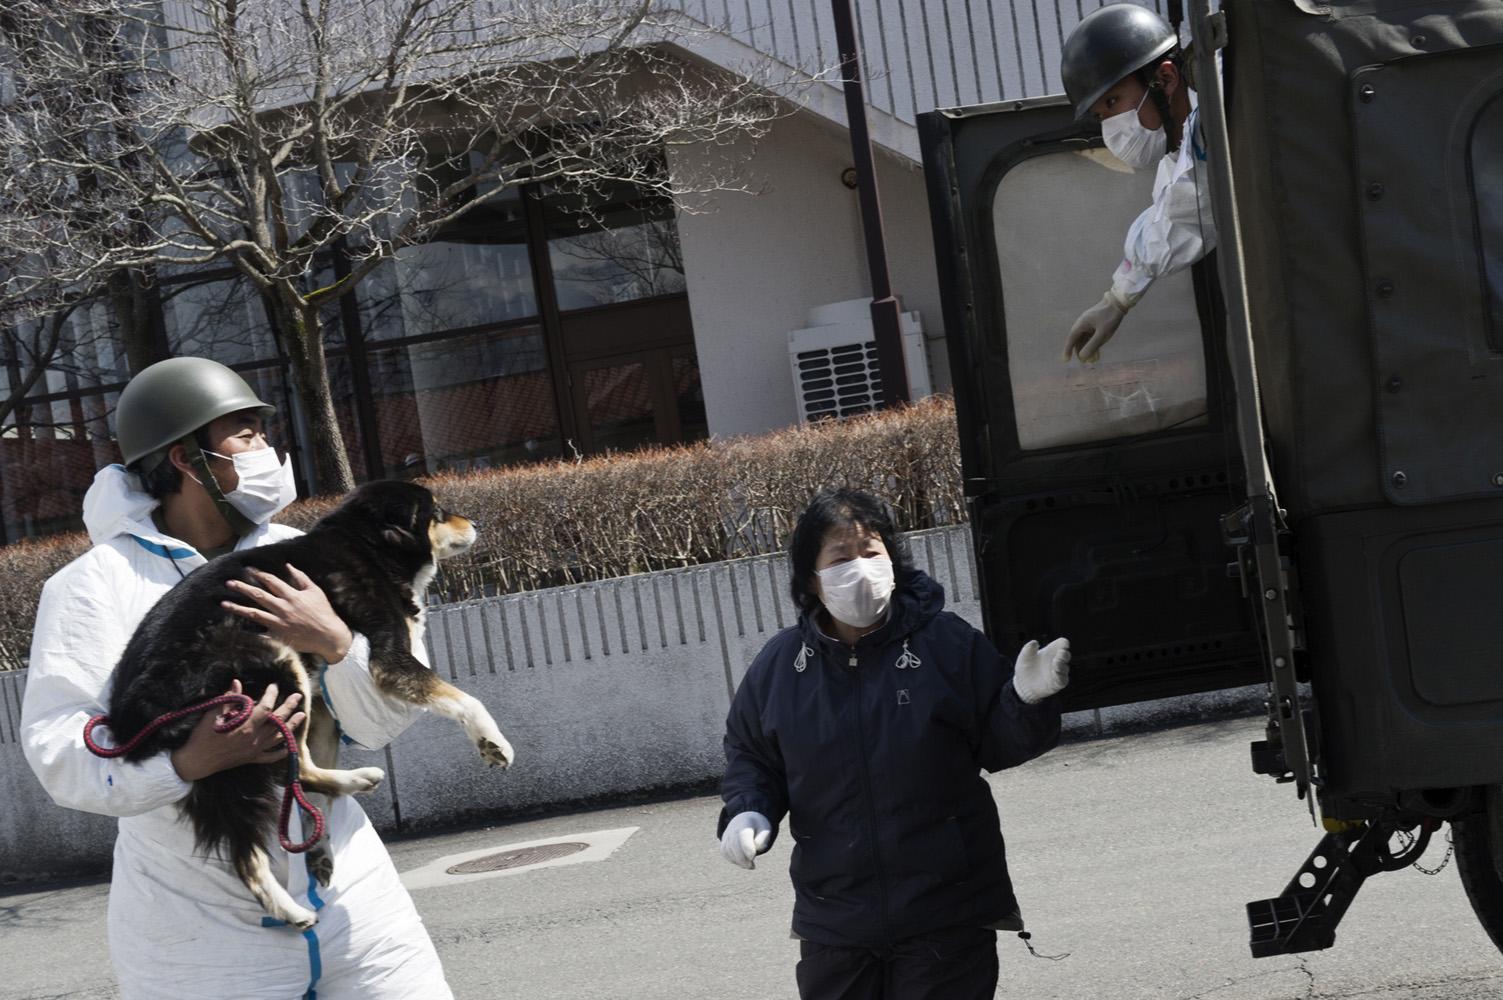 Kawamata,  Japan, 26 March 2011 Soldier taking a dog for radioactivy screening at Kawamata City, 60 km from Fukushima Nuclear Power Plant.